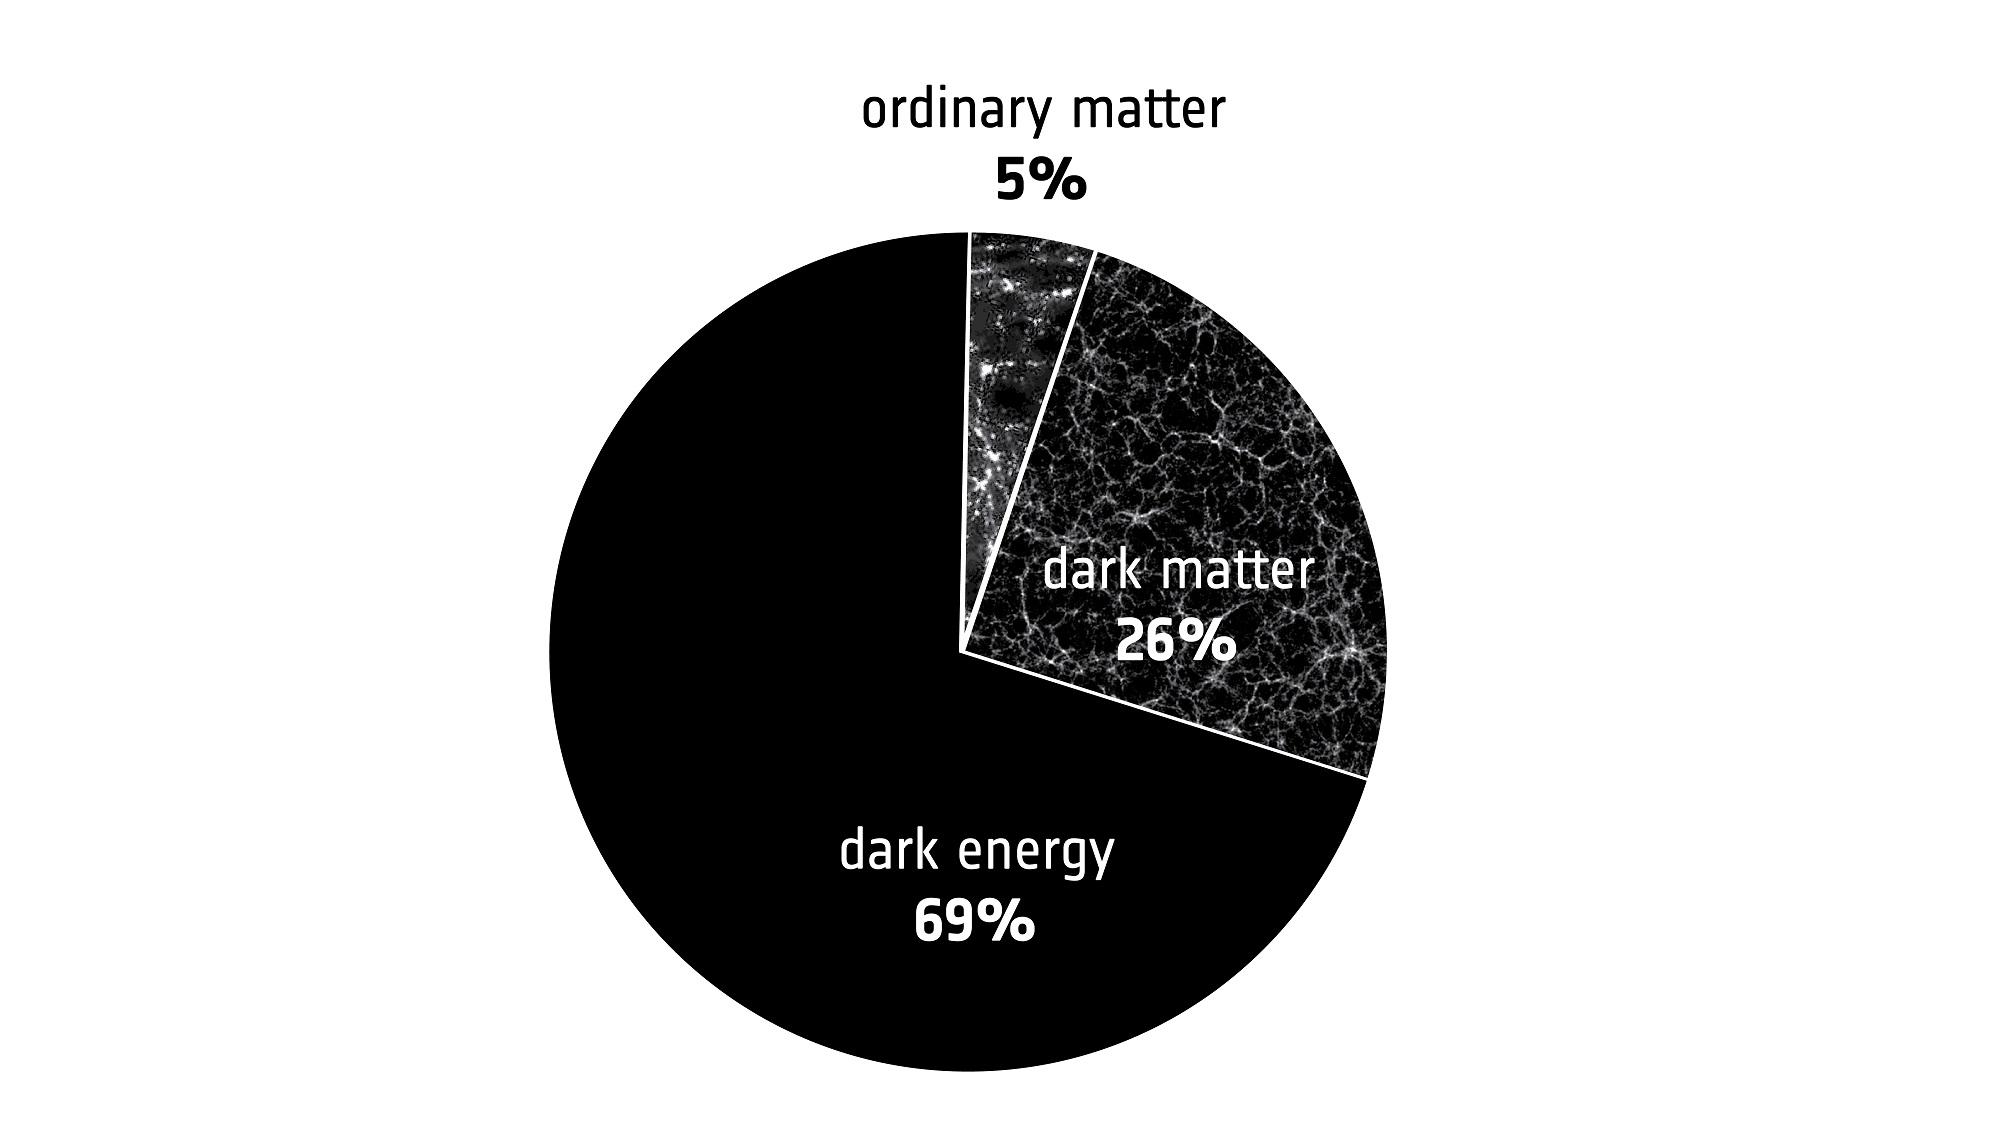 Cosmic_energy_energy_budget.jpg